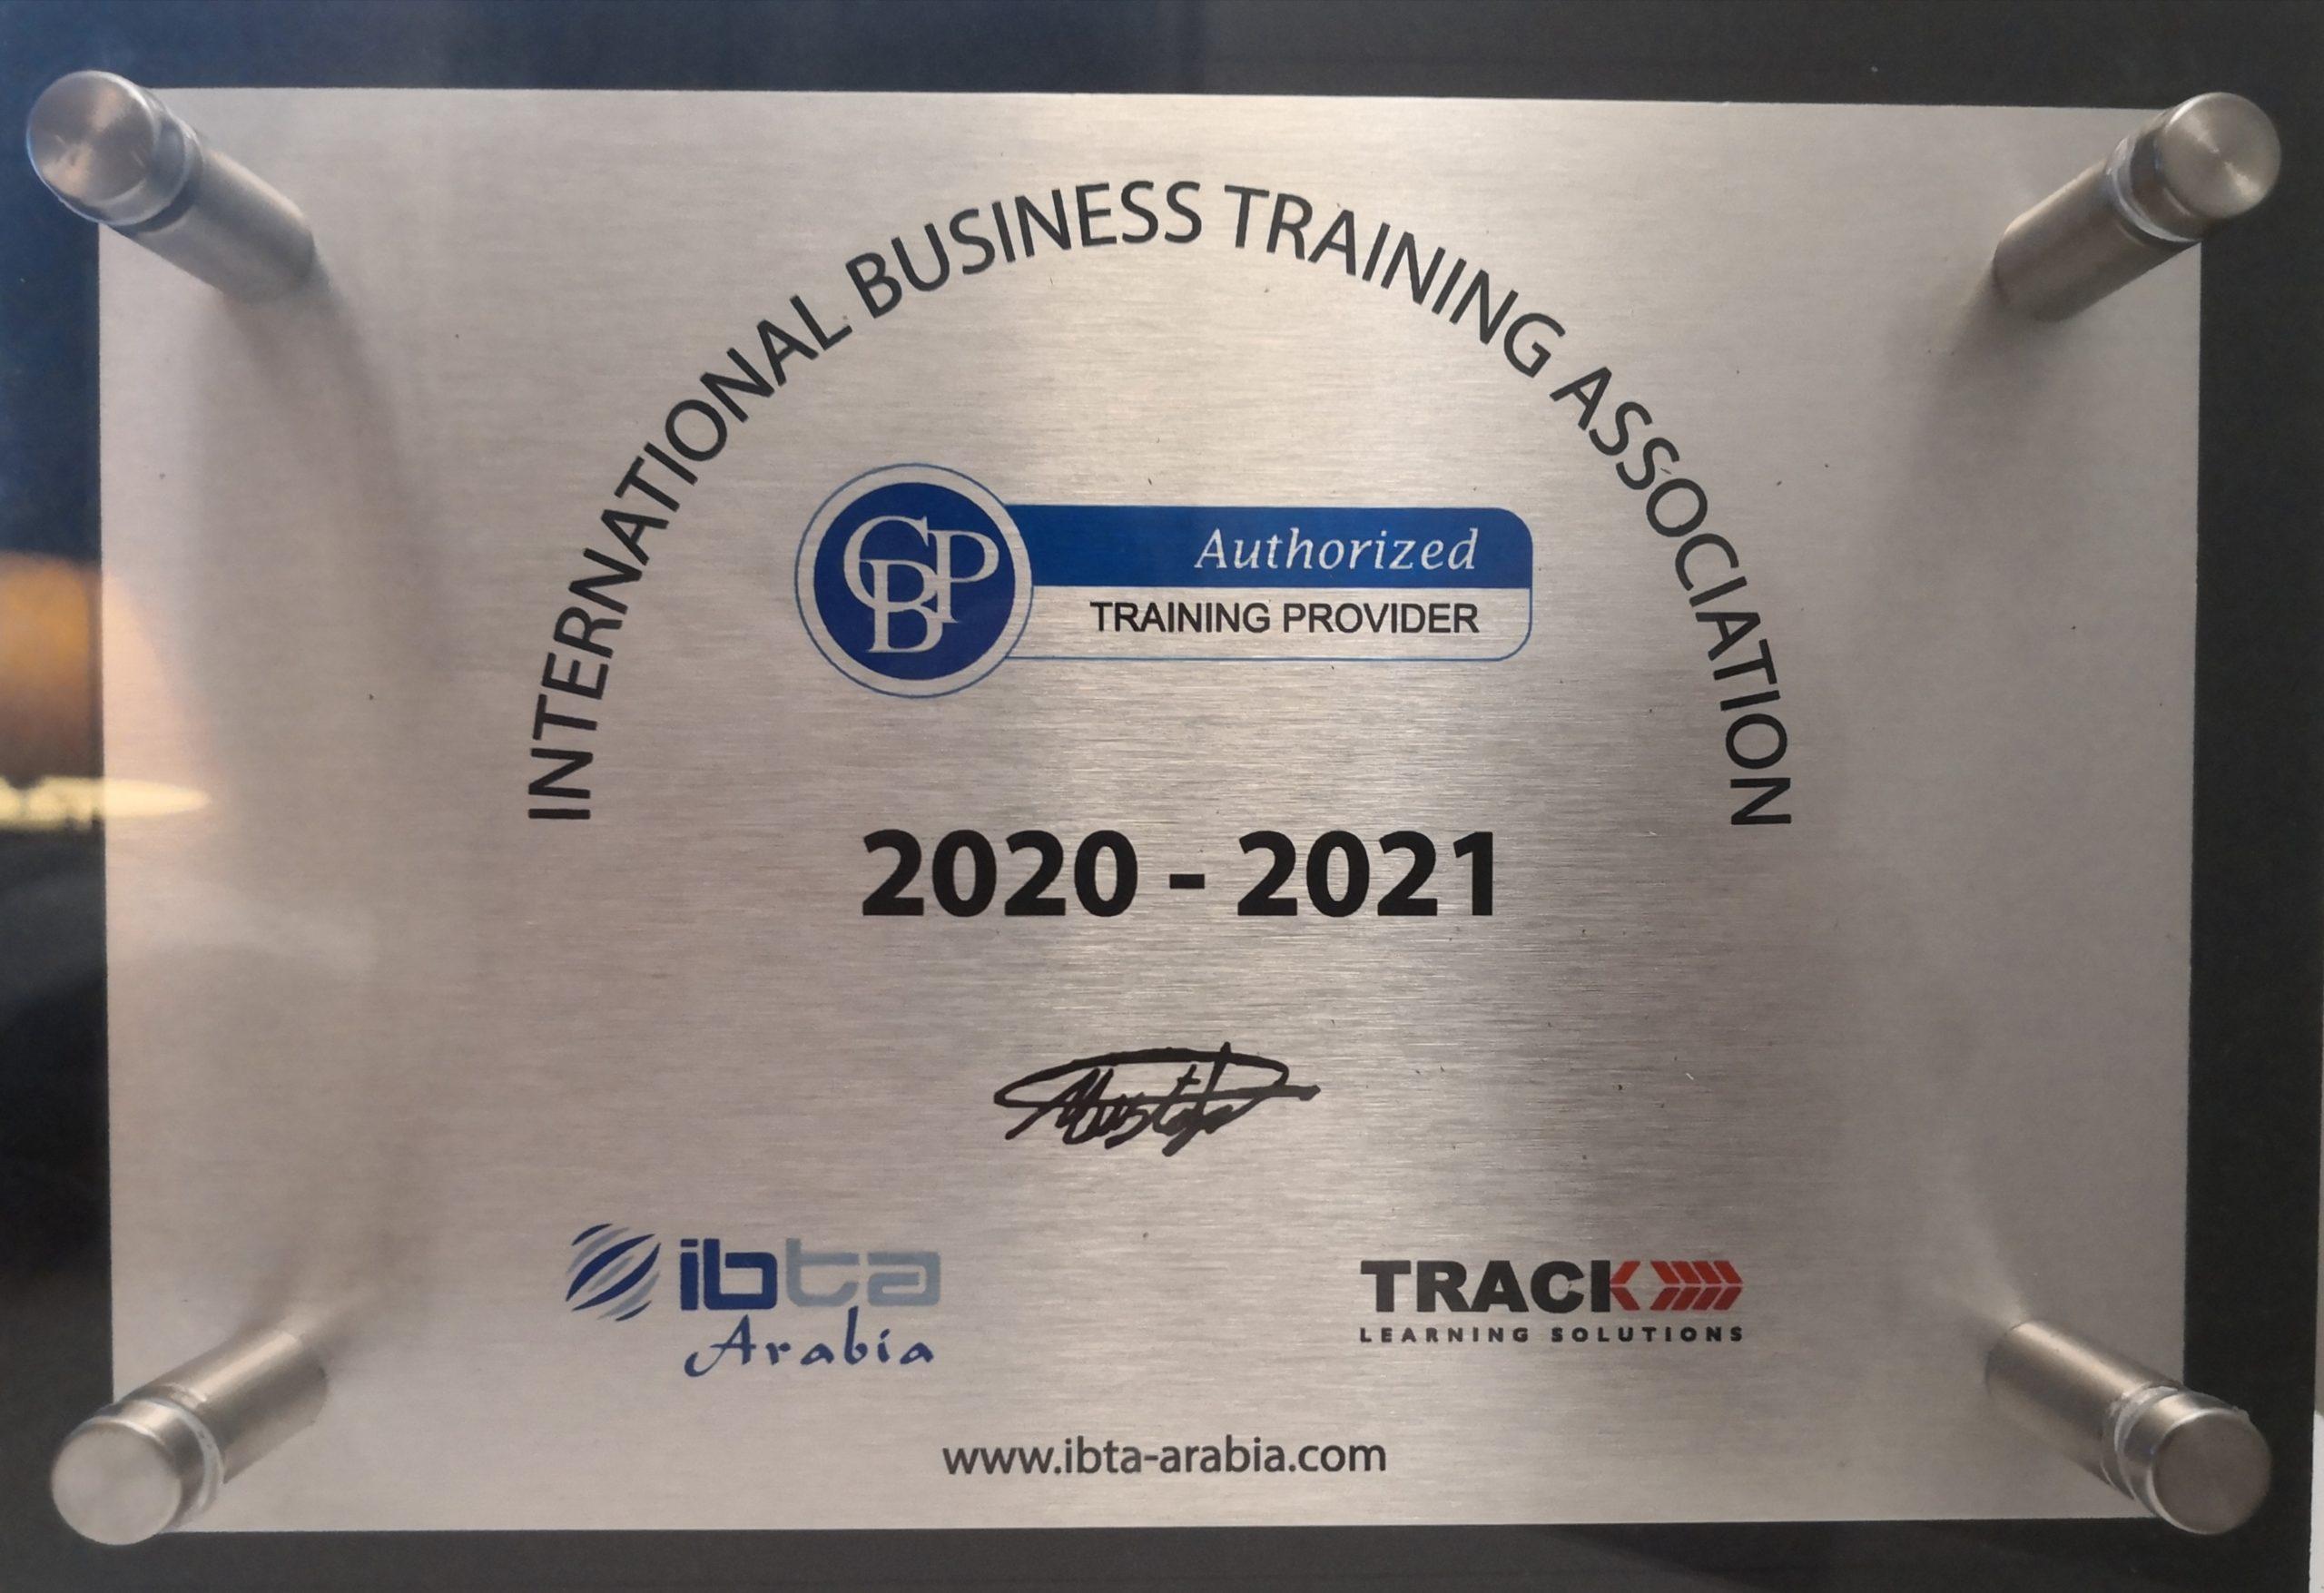 Authorized Training Provider